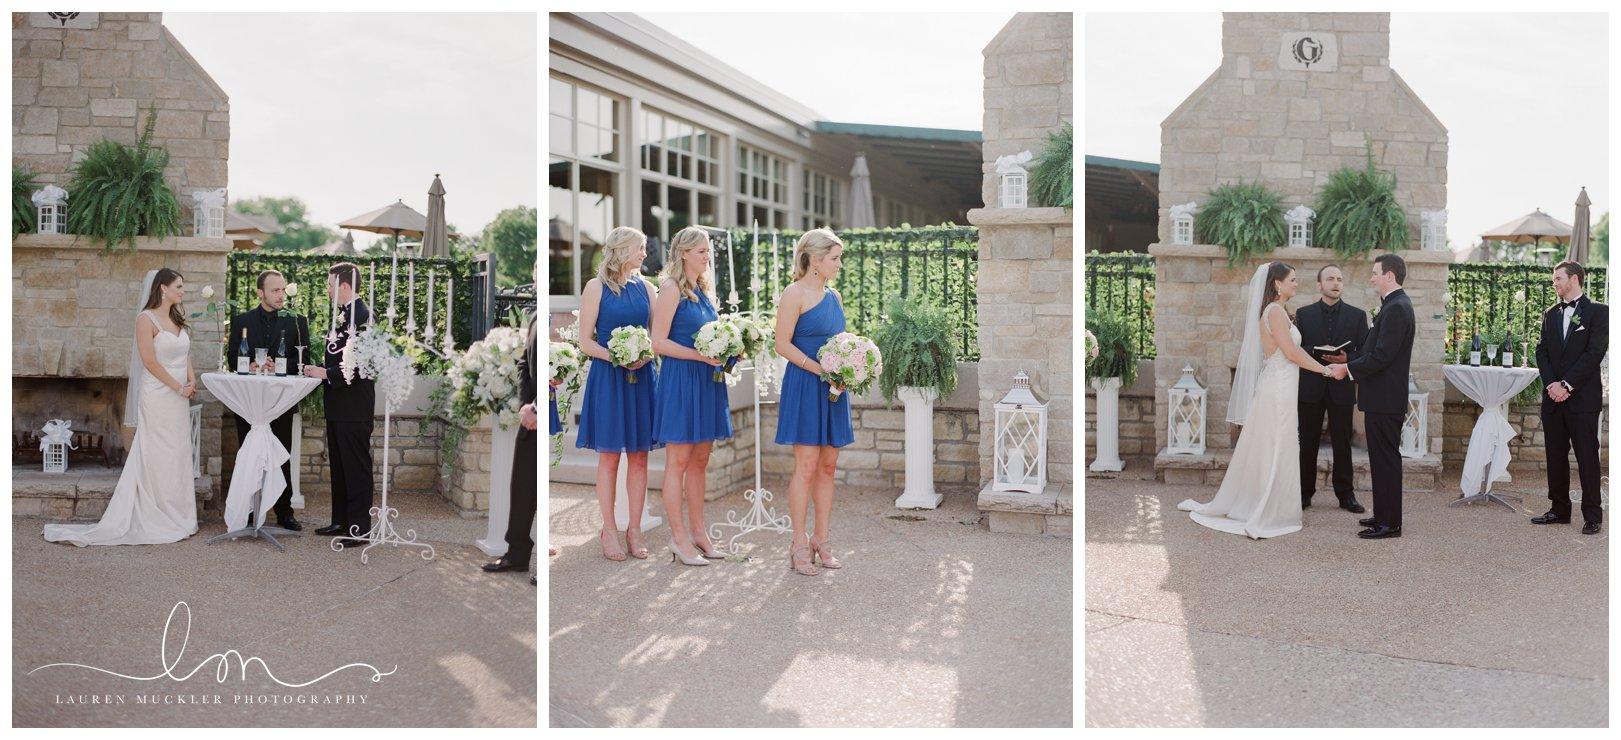 lauren muckler photography_fine art film wedding photography_st louis_photography_0240.jpg